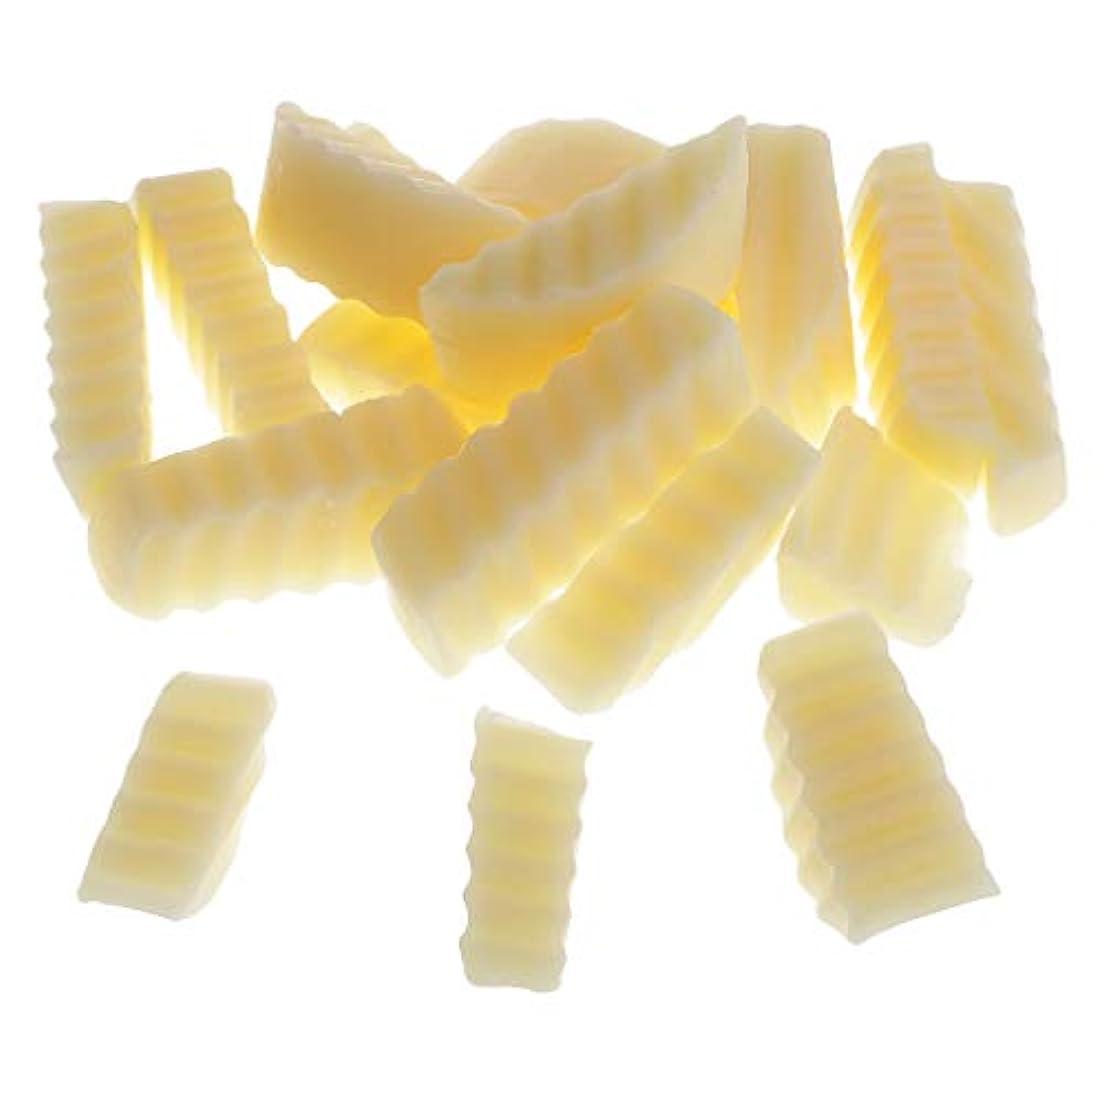 野望故国ハッチラノリン石鹸 自然な素材 DIY手作り 石鹸 固形せっけん 約250g /パック 高品質